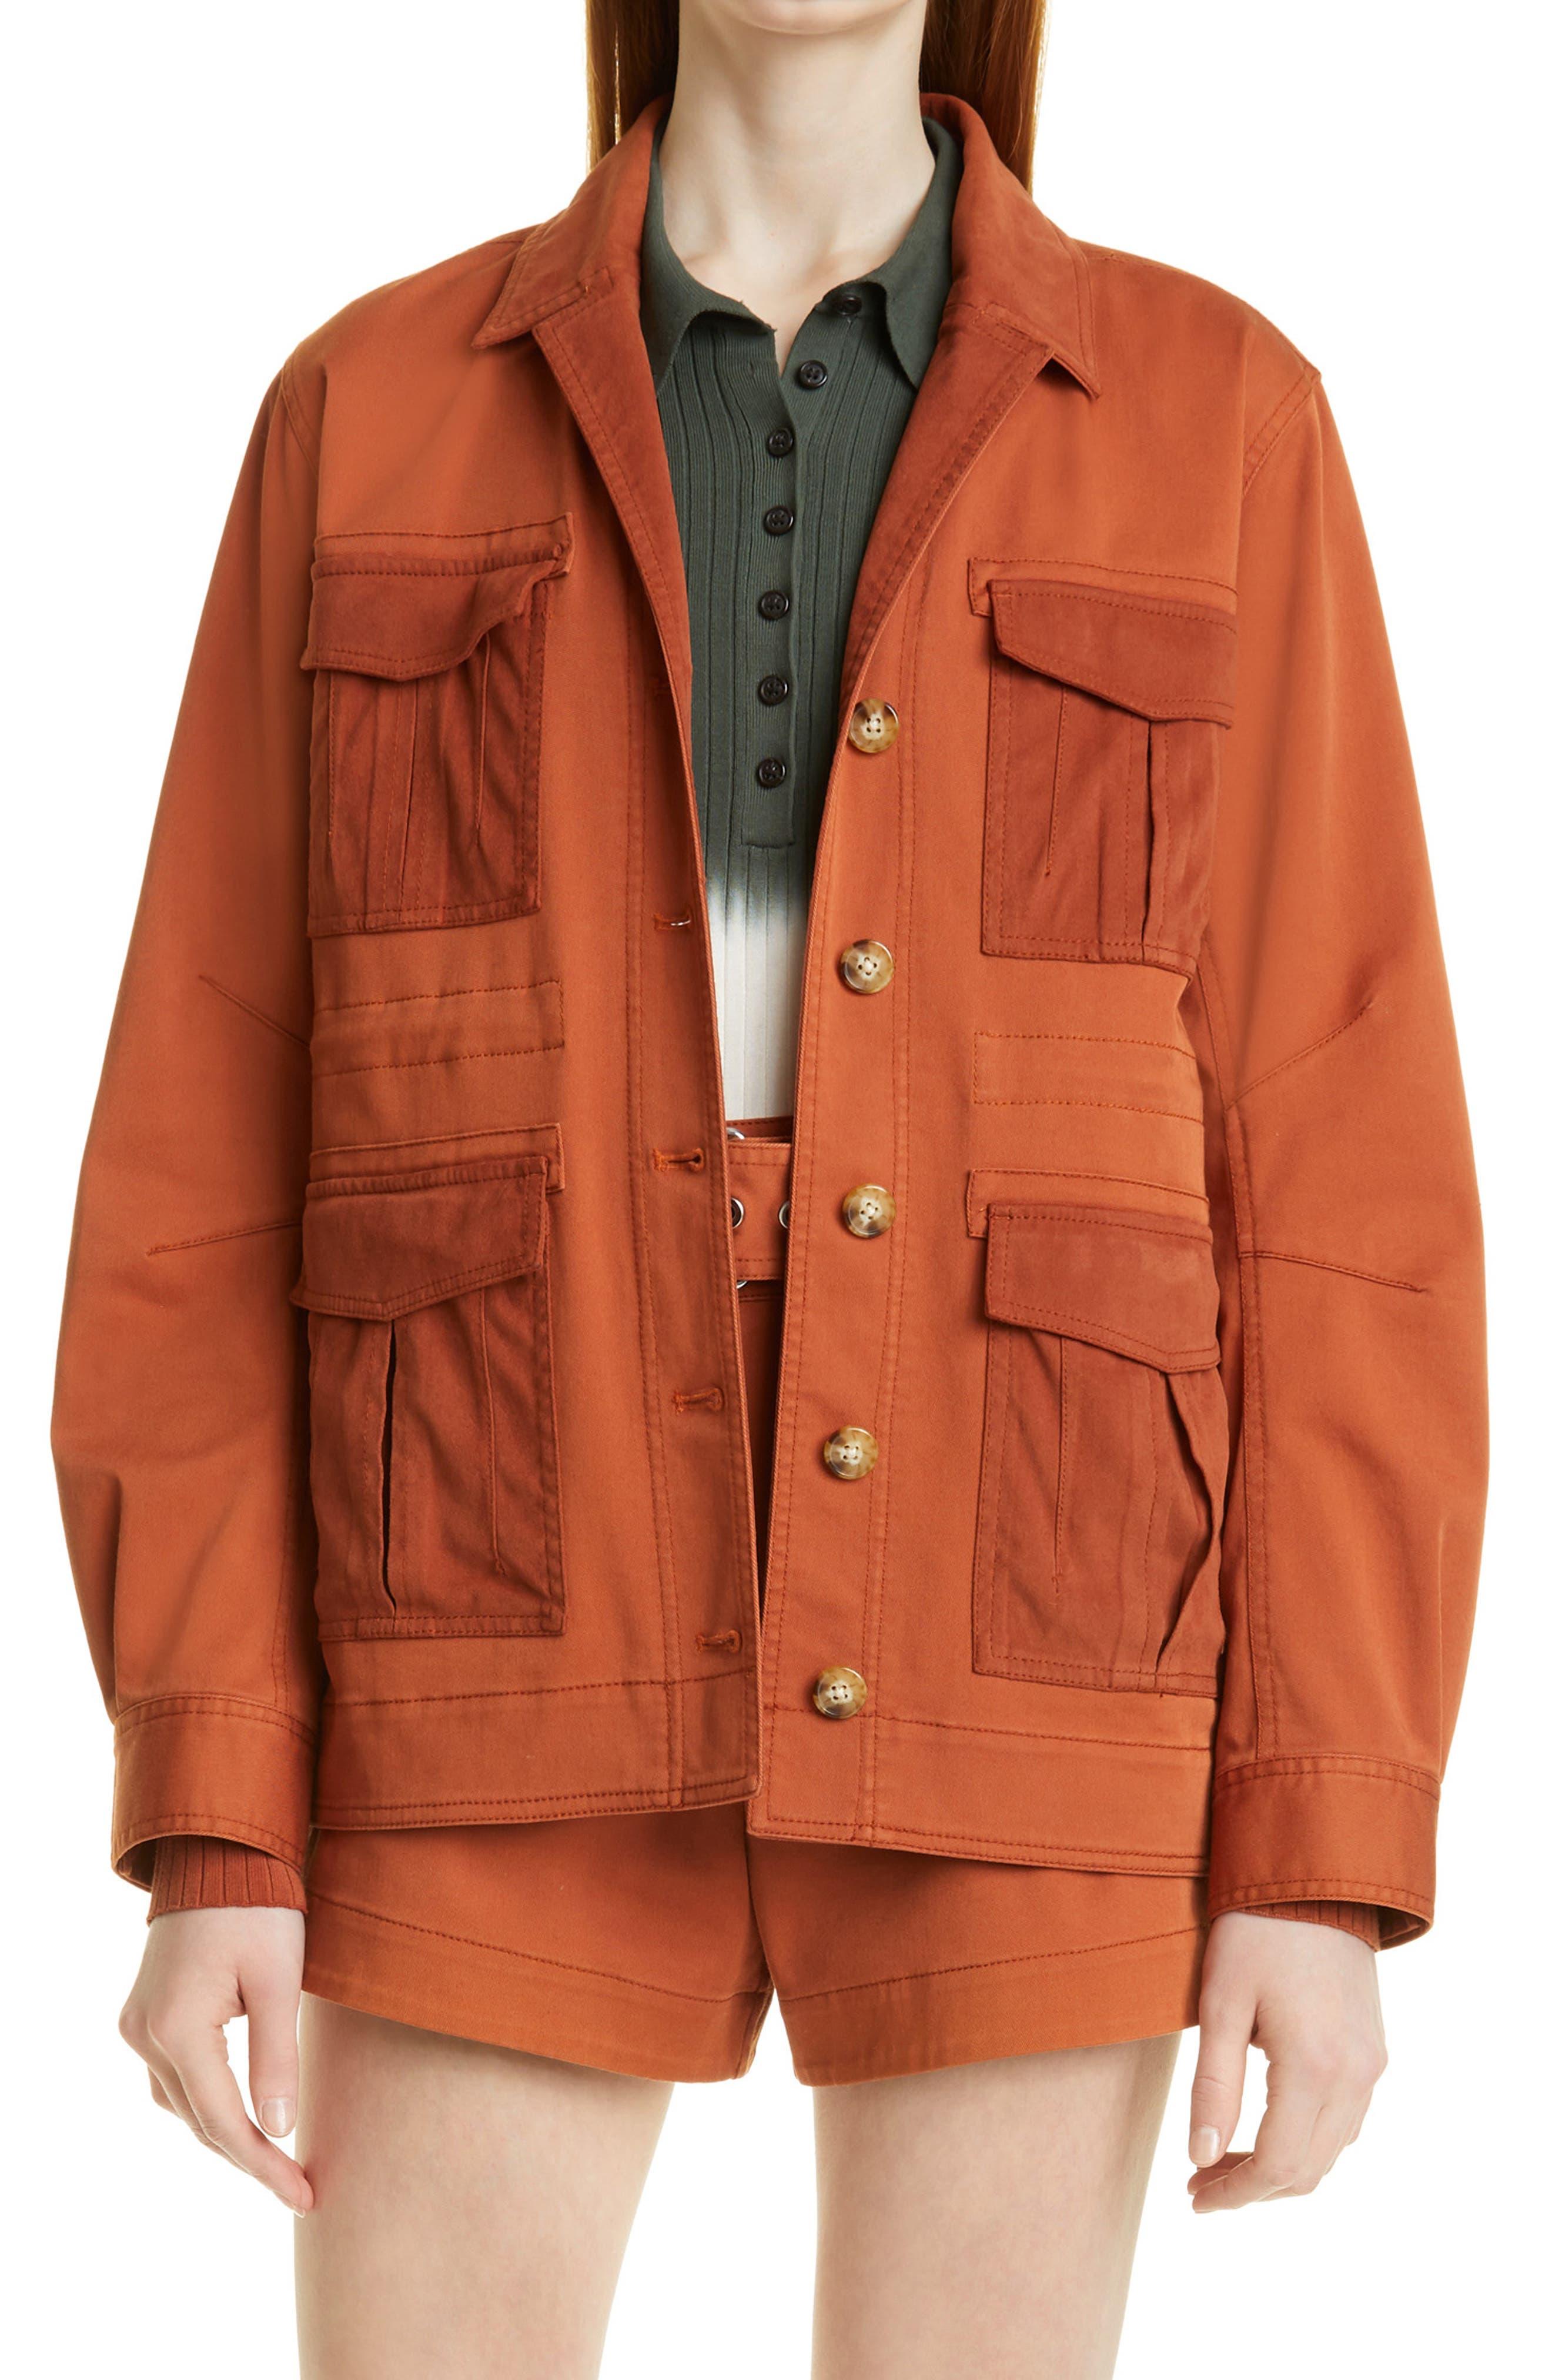 Alison Cotton Blend Utility Jacket